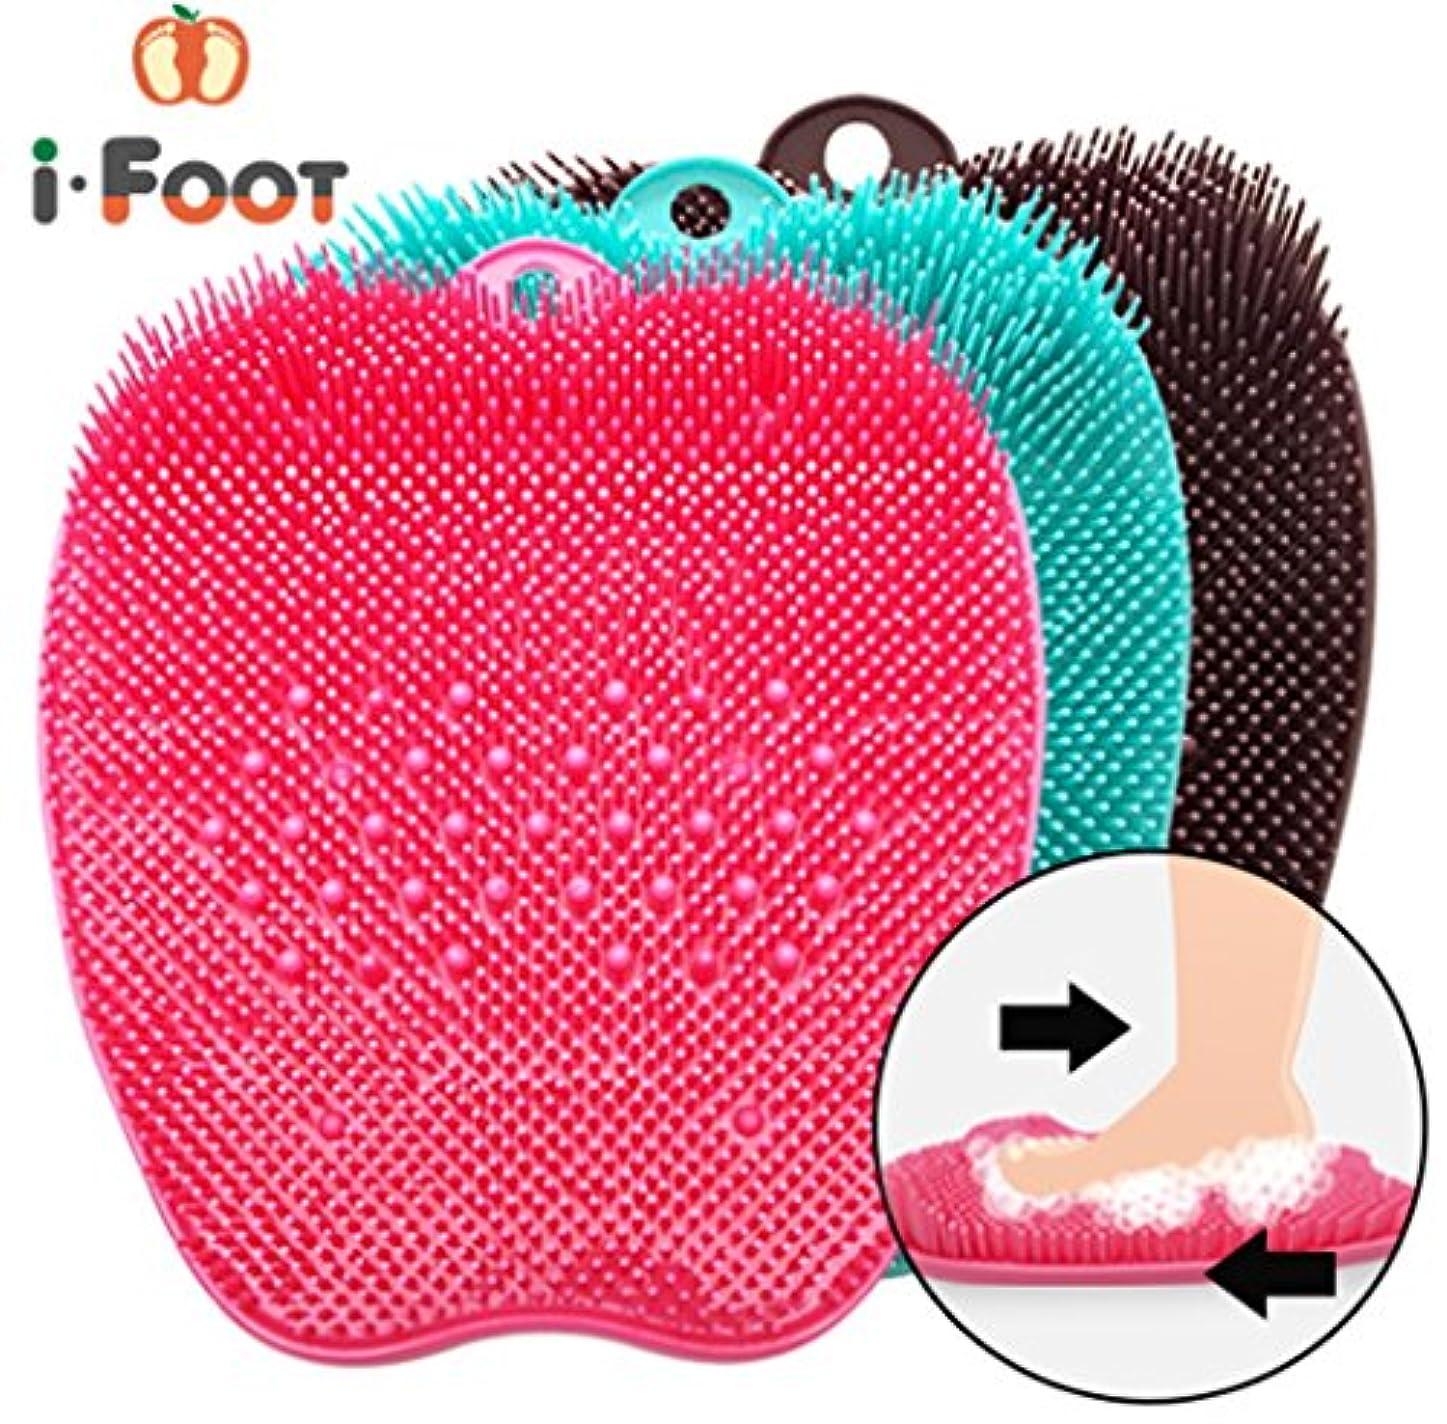 [アイフット] I-Foot 足ブラシ 角質除去 足の臭い除去 足ケア 洗浄 指圧版 マッサージ 半永久的使用 海外直送品 (Foot Brush Exfoliation Foot Odor Removal Foot Care...